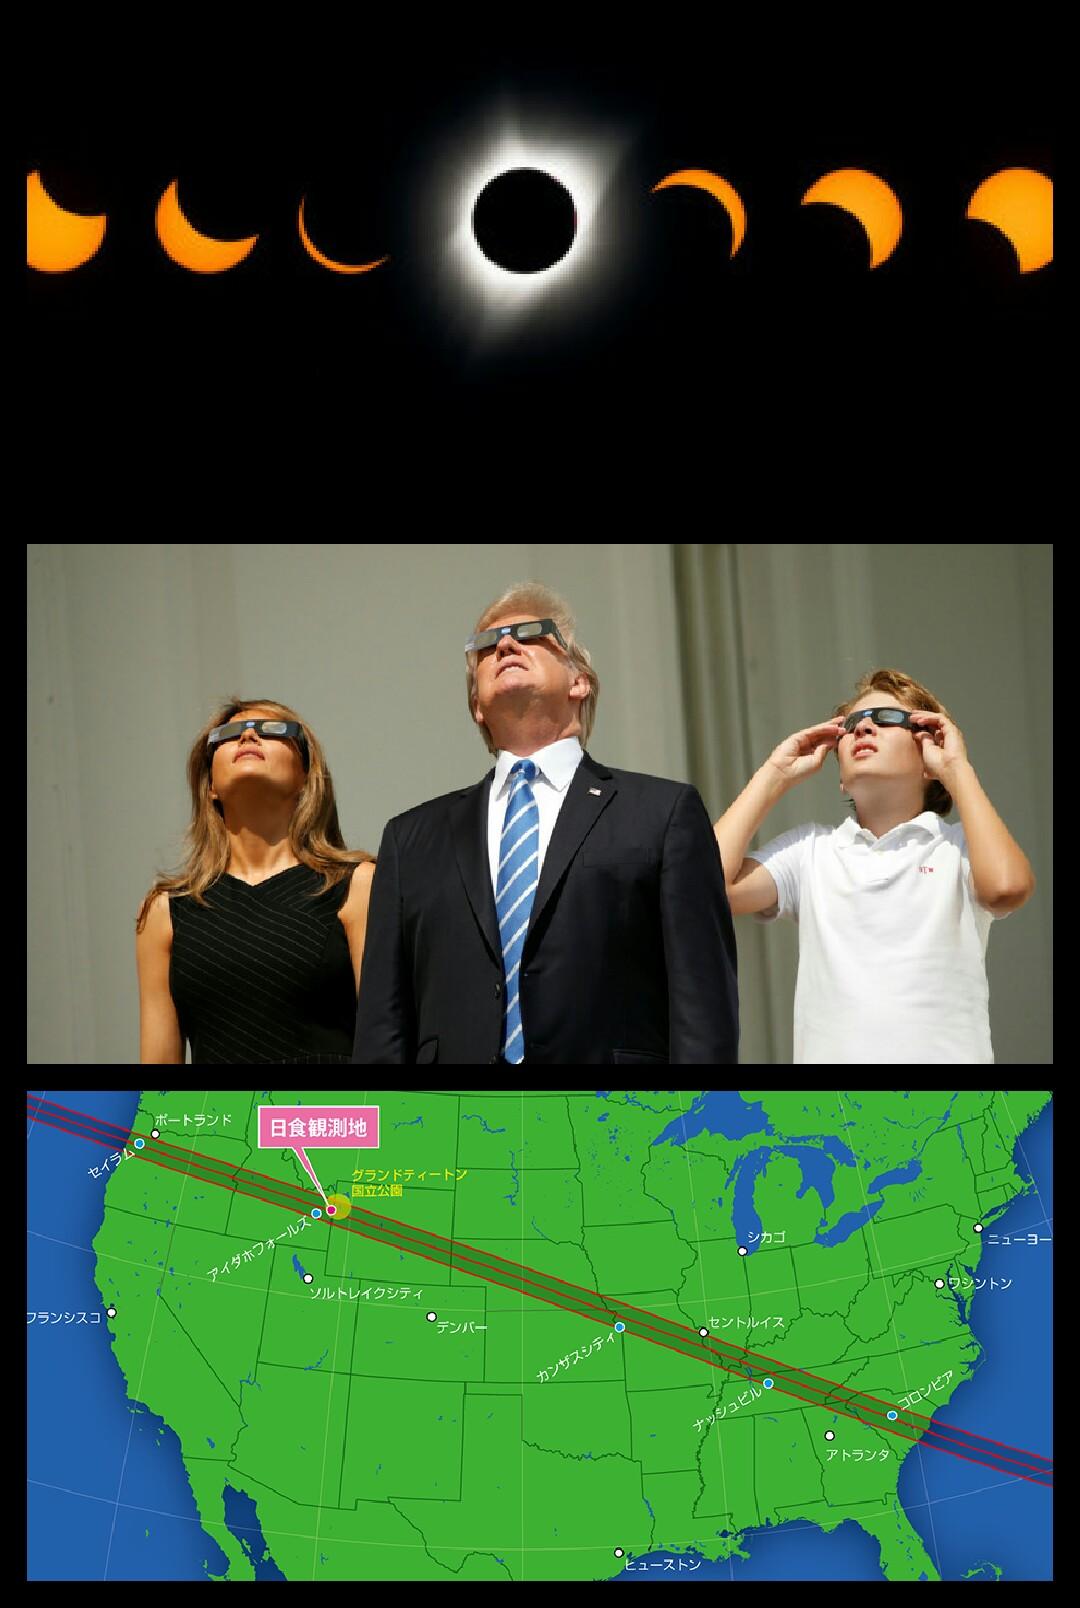 三菱エクリプスクロス 米国皆既日食